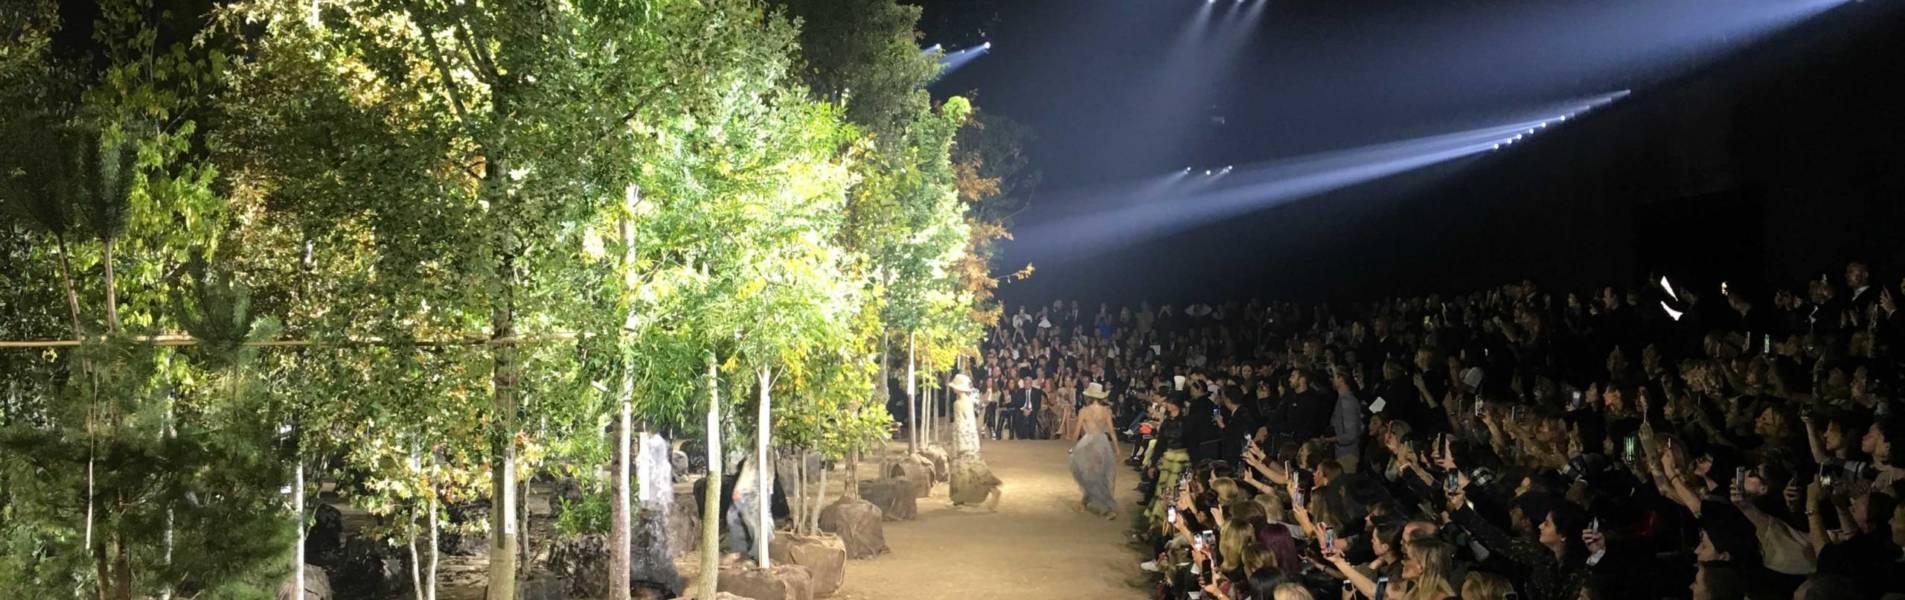 Maison Dior: défilé de belles plantes à la Paris Fashion Week